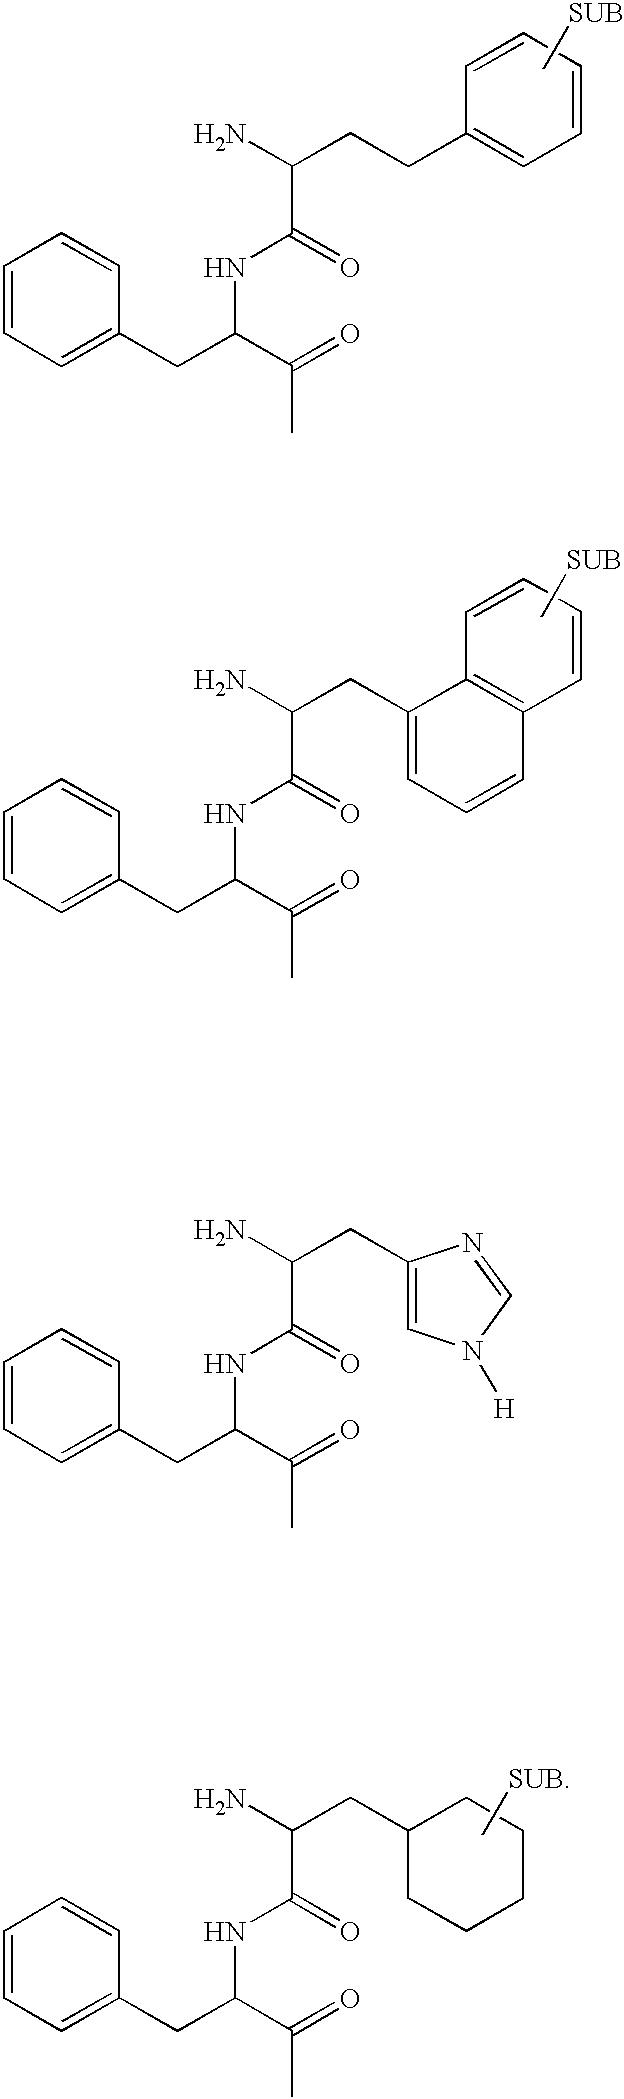 Figure US06911447-20050628-C00025